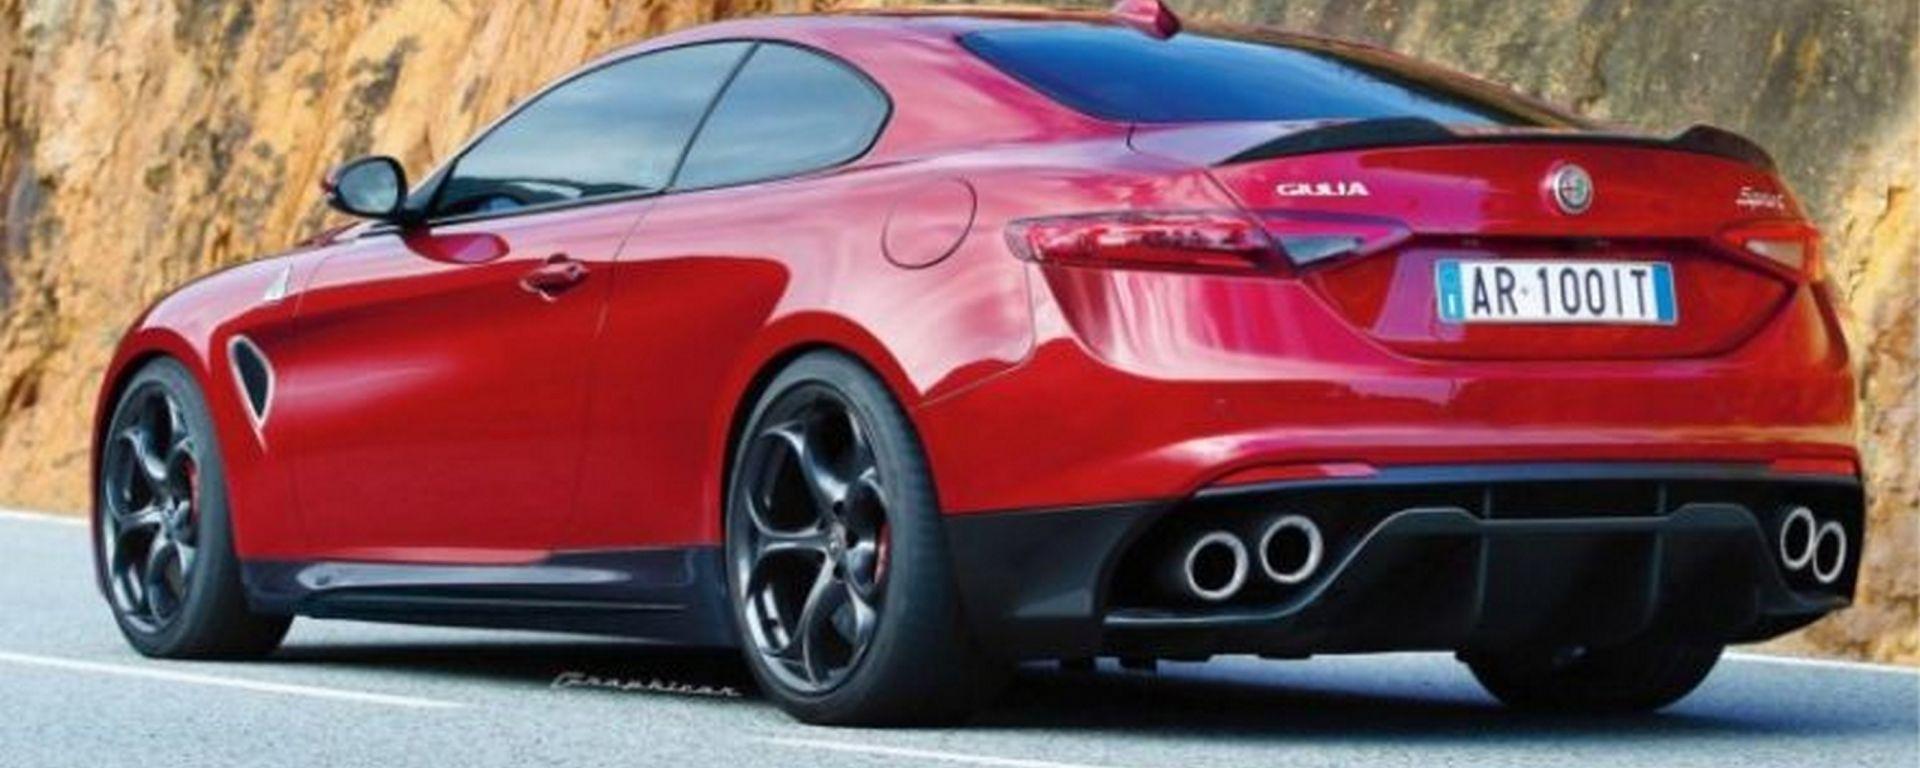 Alfa Romeo Giulia Coupe 2019 A Motore Ibrido Da 641 Cv Si Fara O No